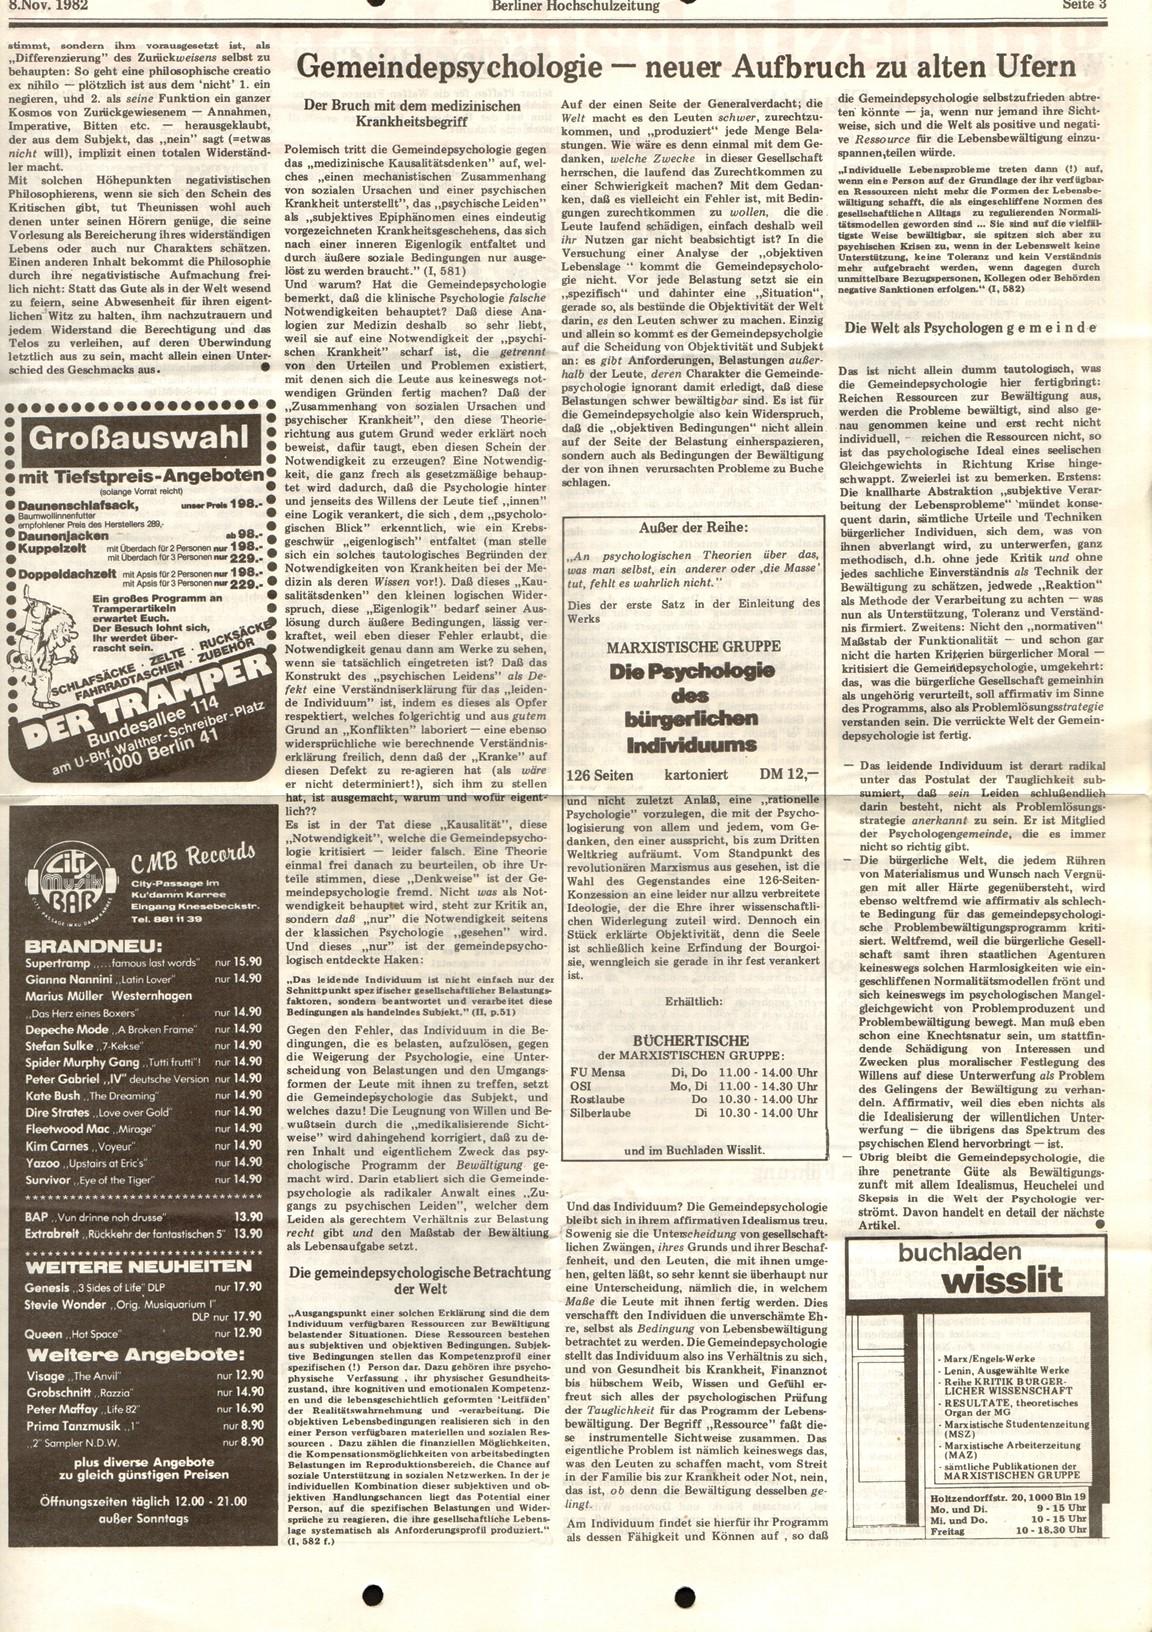 Berlin_MG_Hochschulzeitung_19821108_03